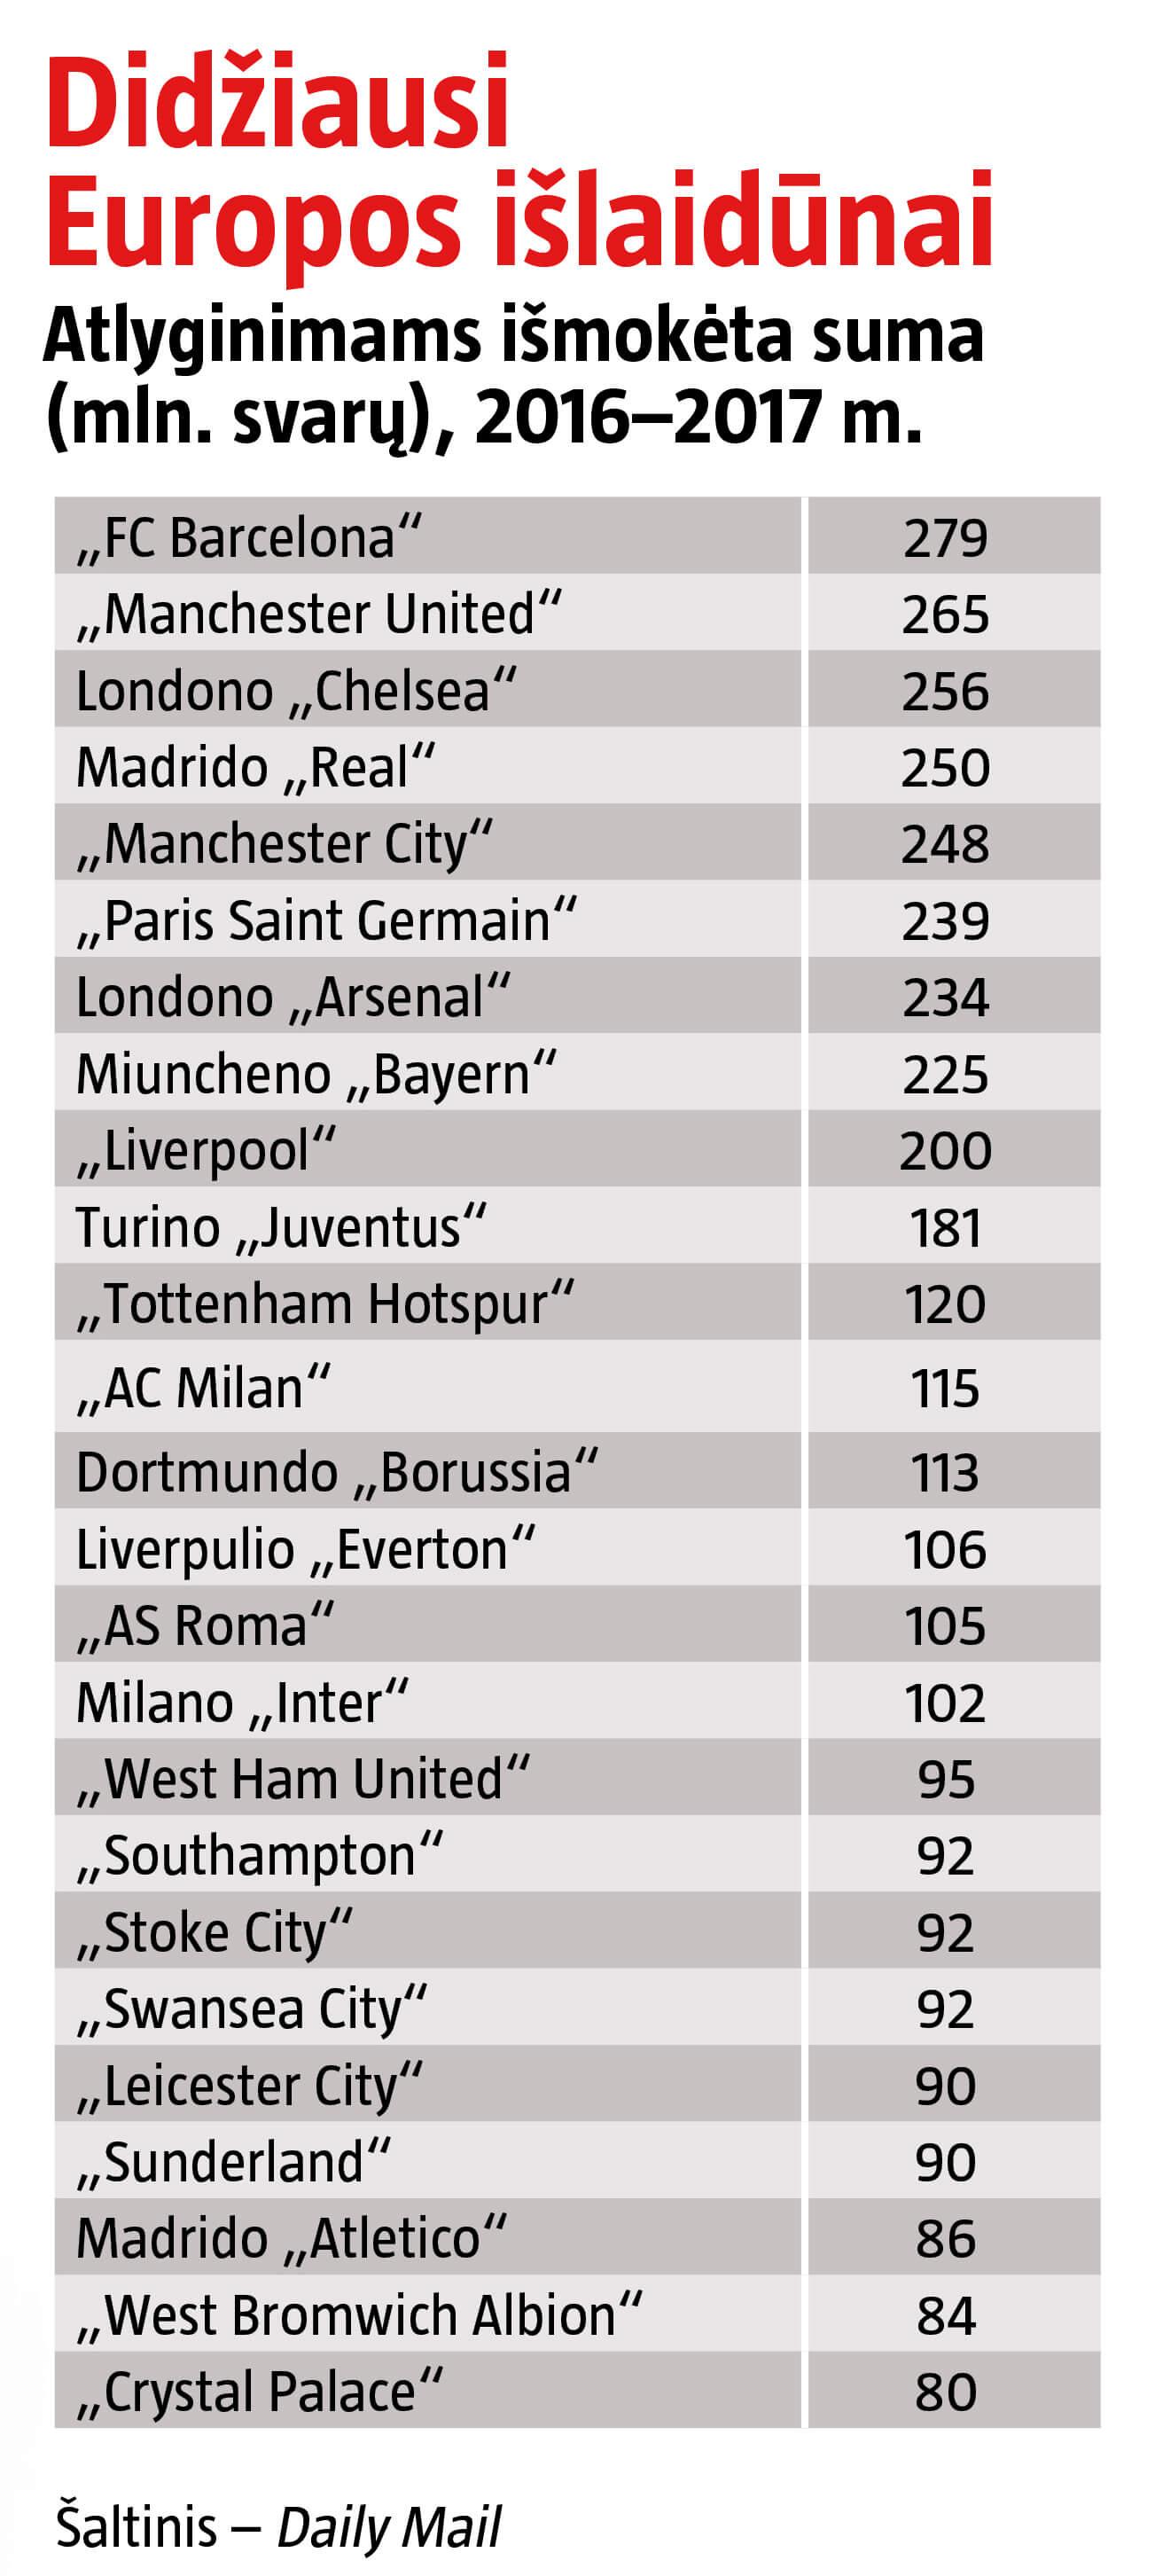 Anglijos futbolo klubai – vieni didžiausių išlaidūnų